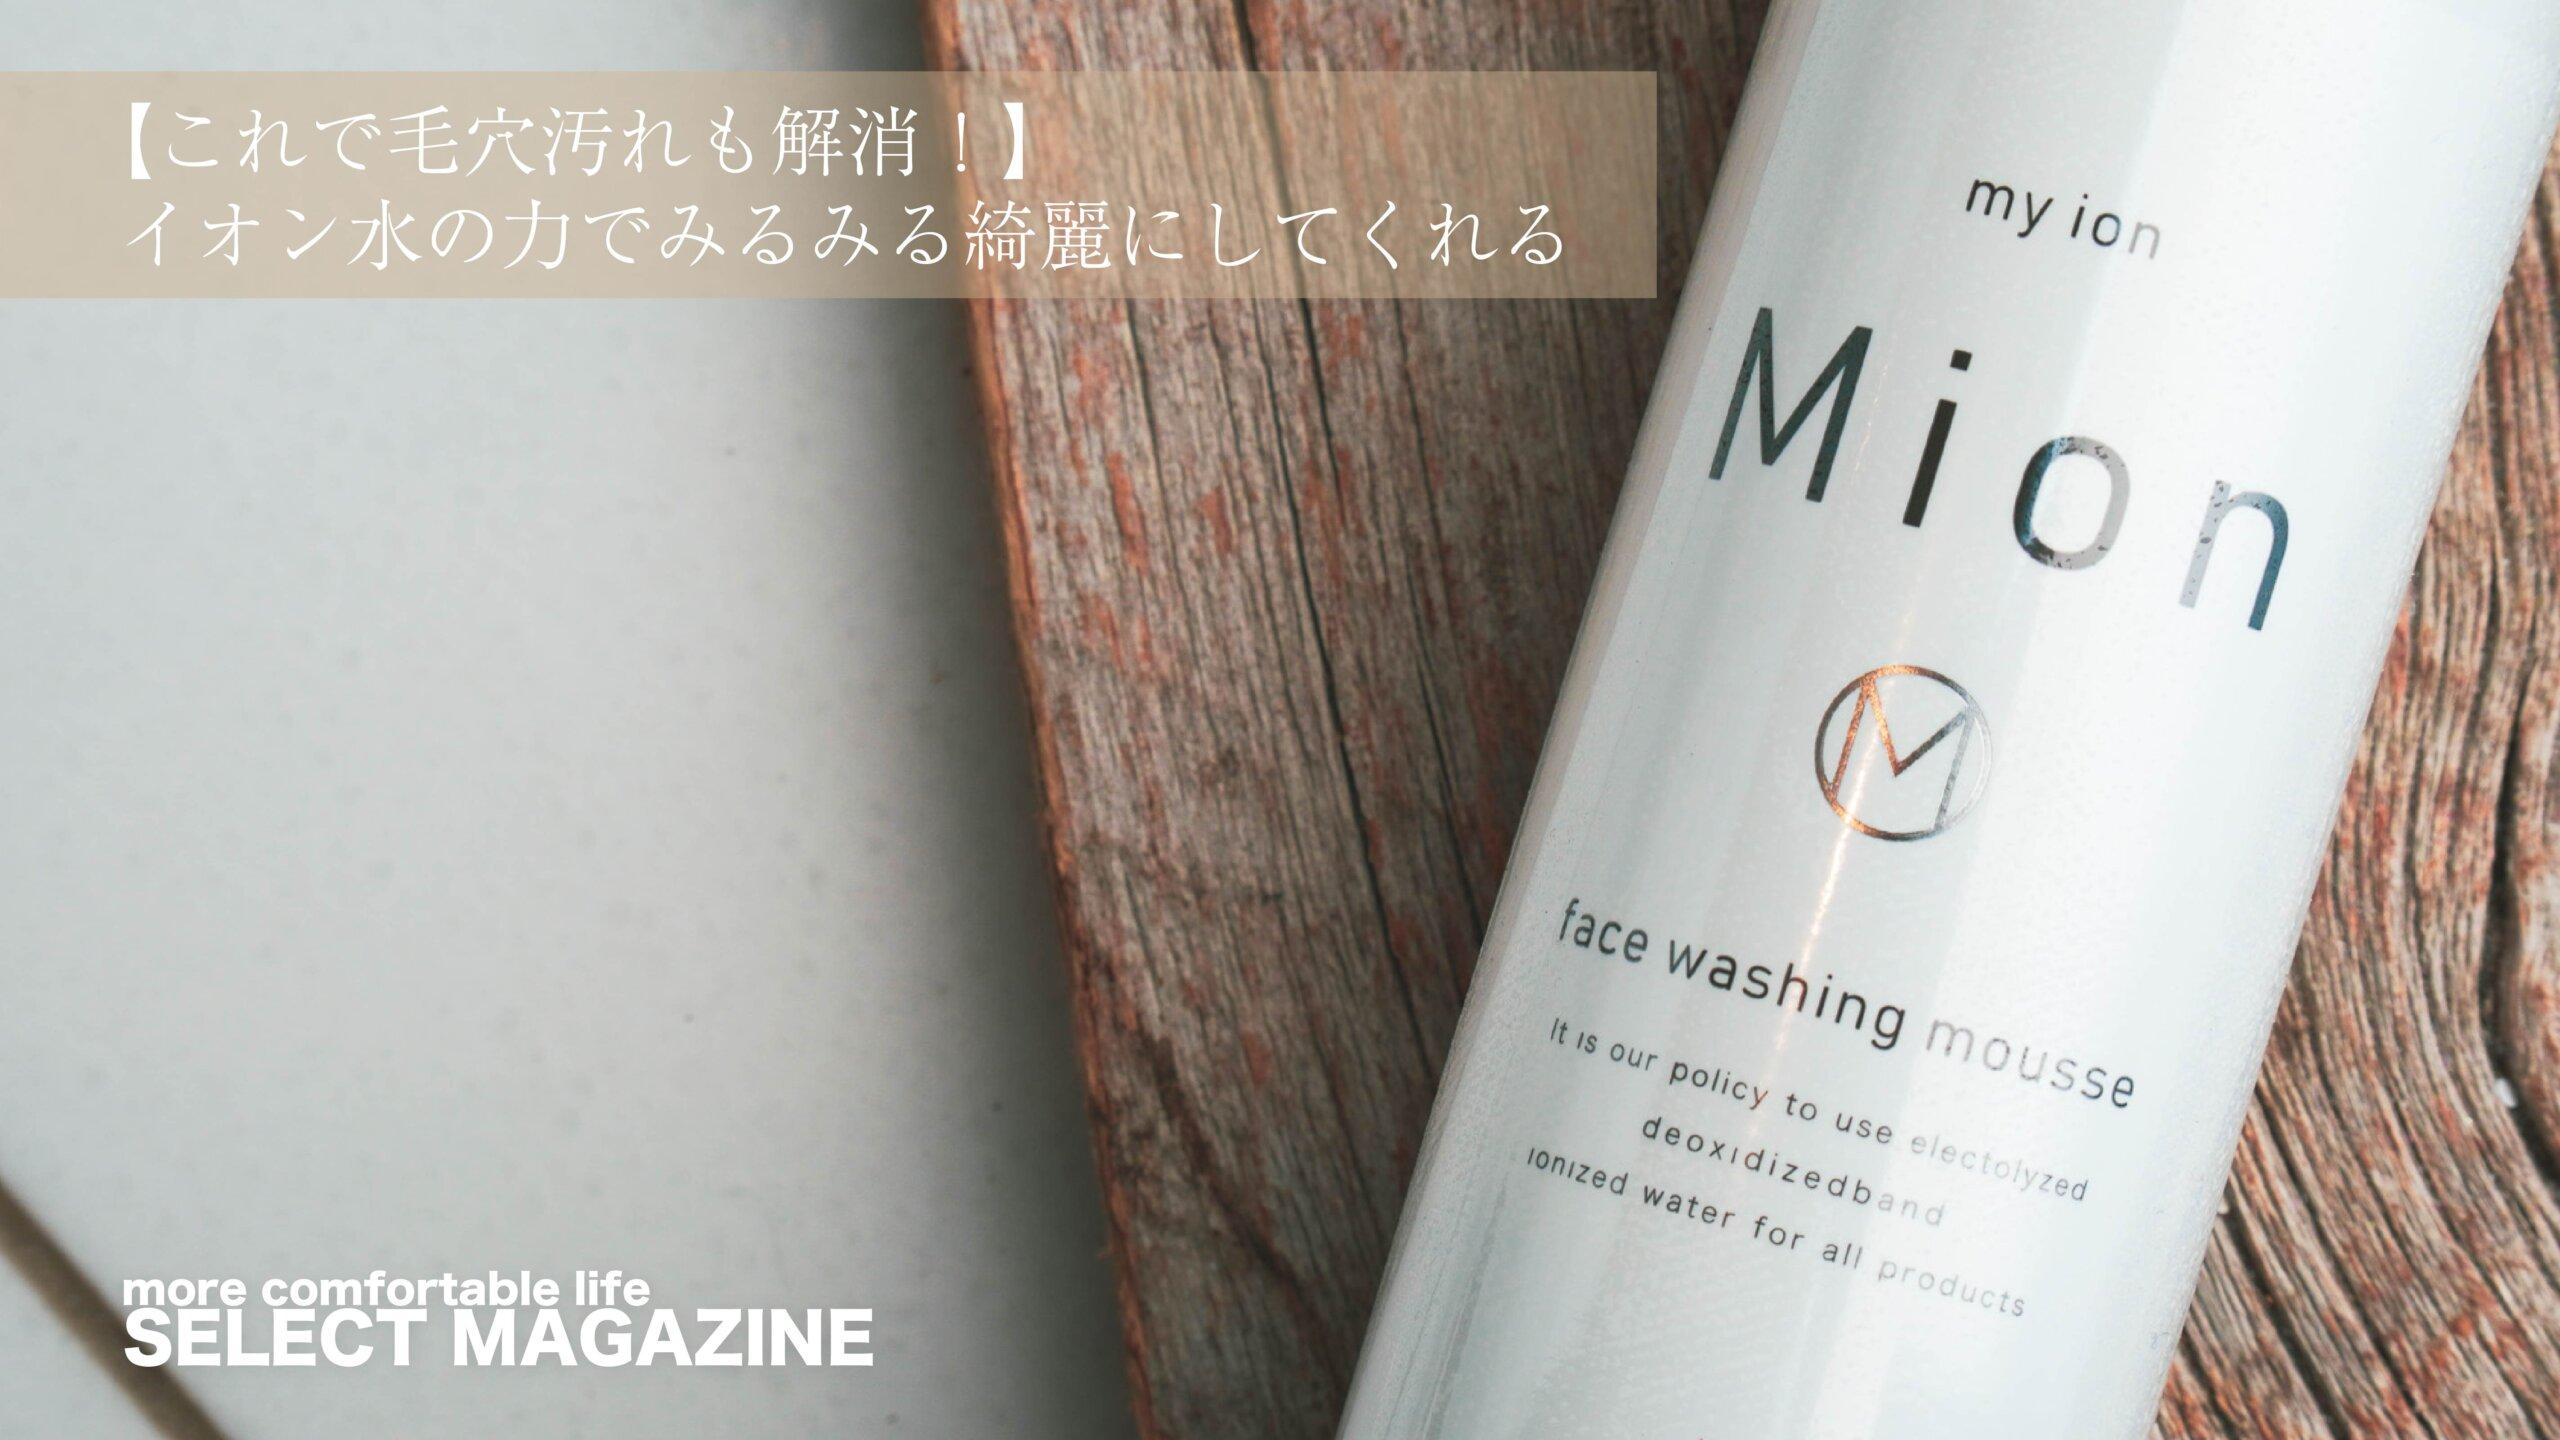 【これで毛穴汚れも解消!】イオン水の力でみるみる綺麗にしてくれる『Mion』